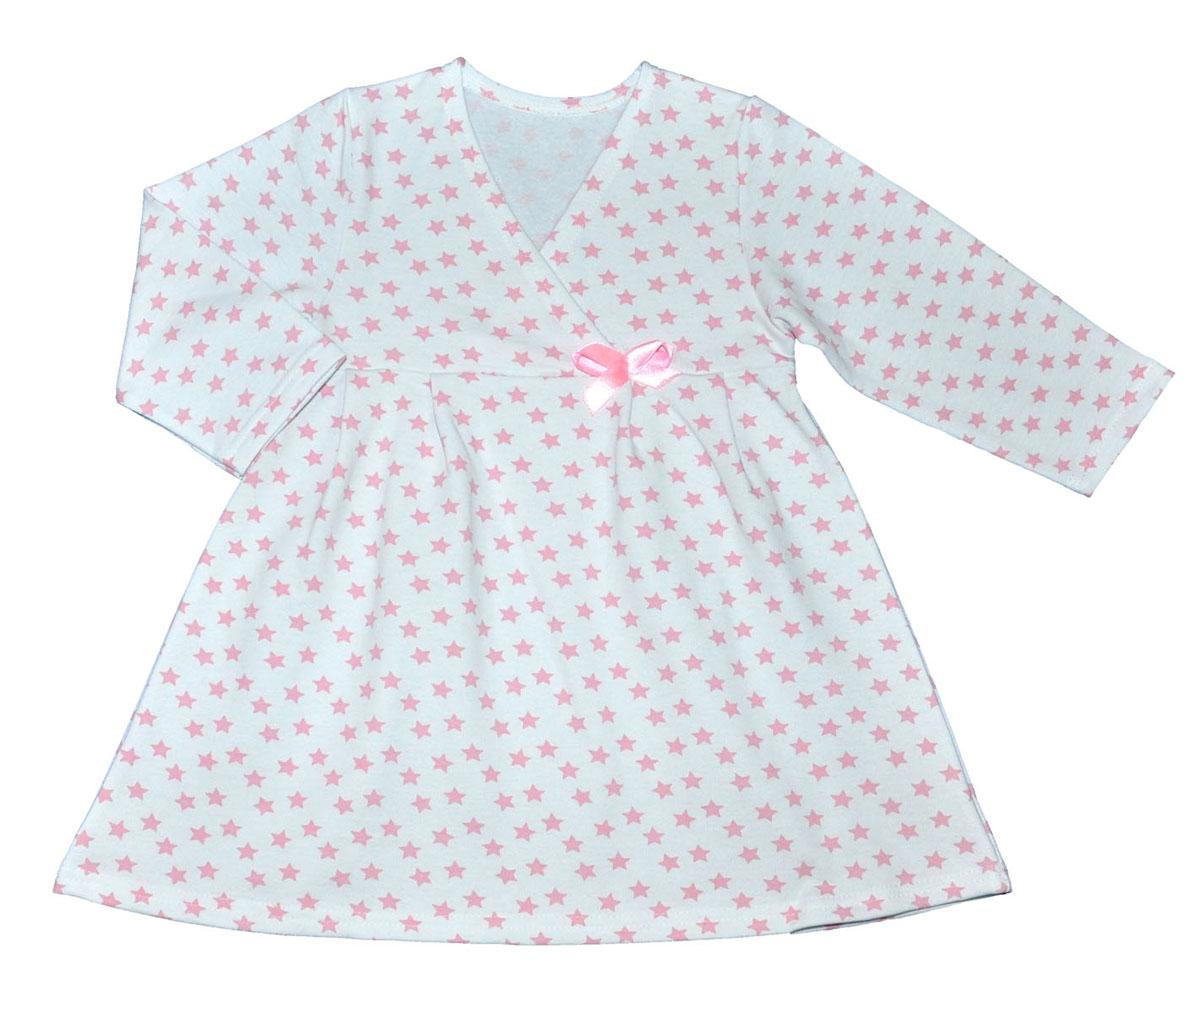 Сорочка ночная для девочки Трон-плюс, цвет: белый, розовый, рисунок звезды. 5522. Размер 80/86, 1-2 года5522Яркая сорочка Трон-плюс идеально подойдет вашей малышке и станет отличным дополнением к детскому гардеробу. Теплая сорочка, изготовленная из футера - натурального хлопка, необычайно мягкая и легкая, не сковывает движения ребенка, позволяет коже дышать и не раздражает даже самую нежную и чувствительную кожу малыша. Сорочка трапециевидного кроя с длинными рукавами, V-образным вырезом горловины. Полочка состоит из двух частей, заходящих друг на друга. По переднему и заднему полотнищам юбки заложены небольшие складки. Сорочка оформлена атласным бантиком.В такой сорочке ваш ребенок будет чувствовать себя комфортно и уютно во время сна.